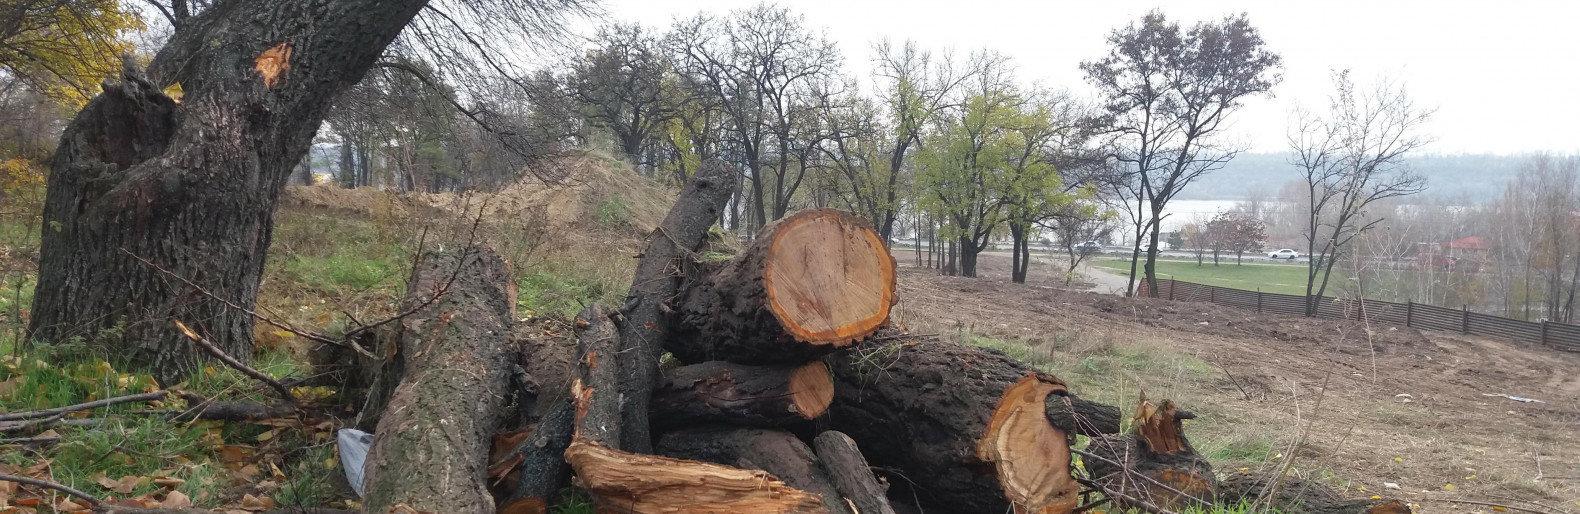 На озеленение парка на Набережной добавили еще 8 миллионов, хотя должны были это сделать на предыдущие 10 млн гривен